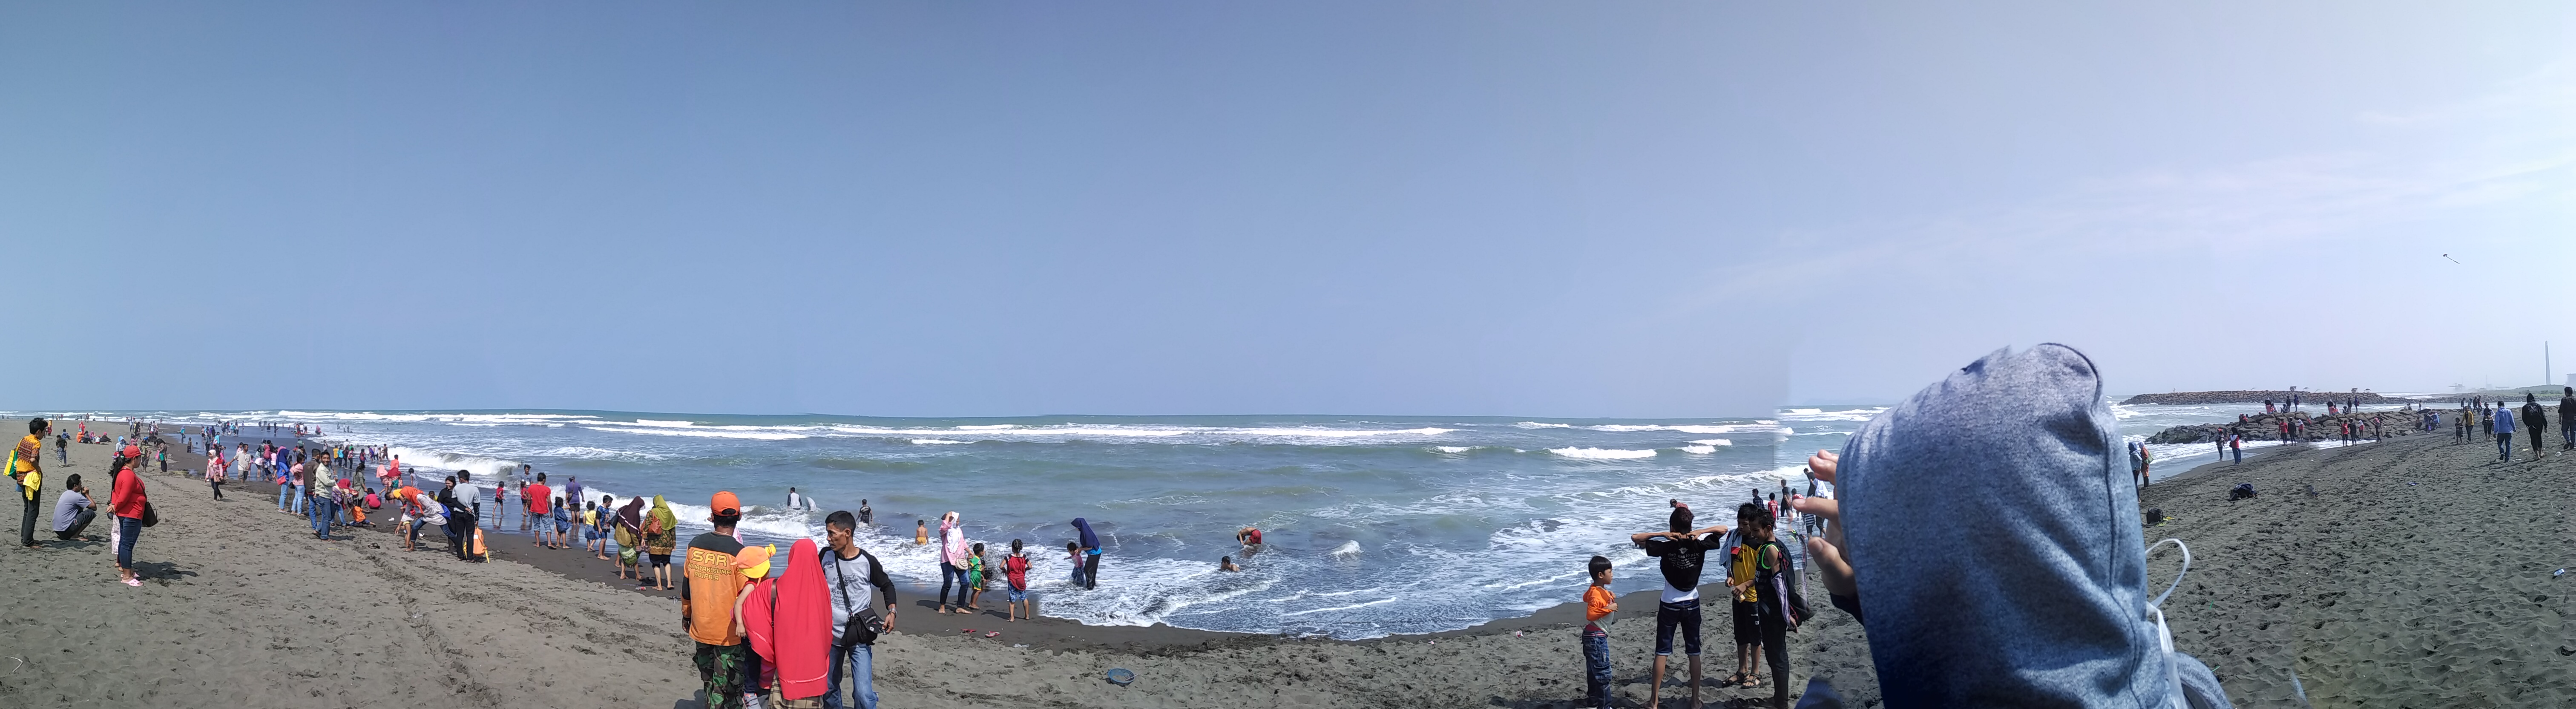 Pantai Sodong Catatan Pemimpi Kecil Hmmm Mencoba Bercerita Tentang Hal